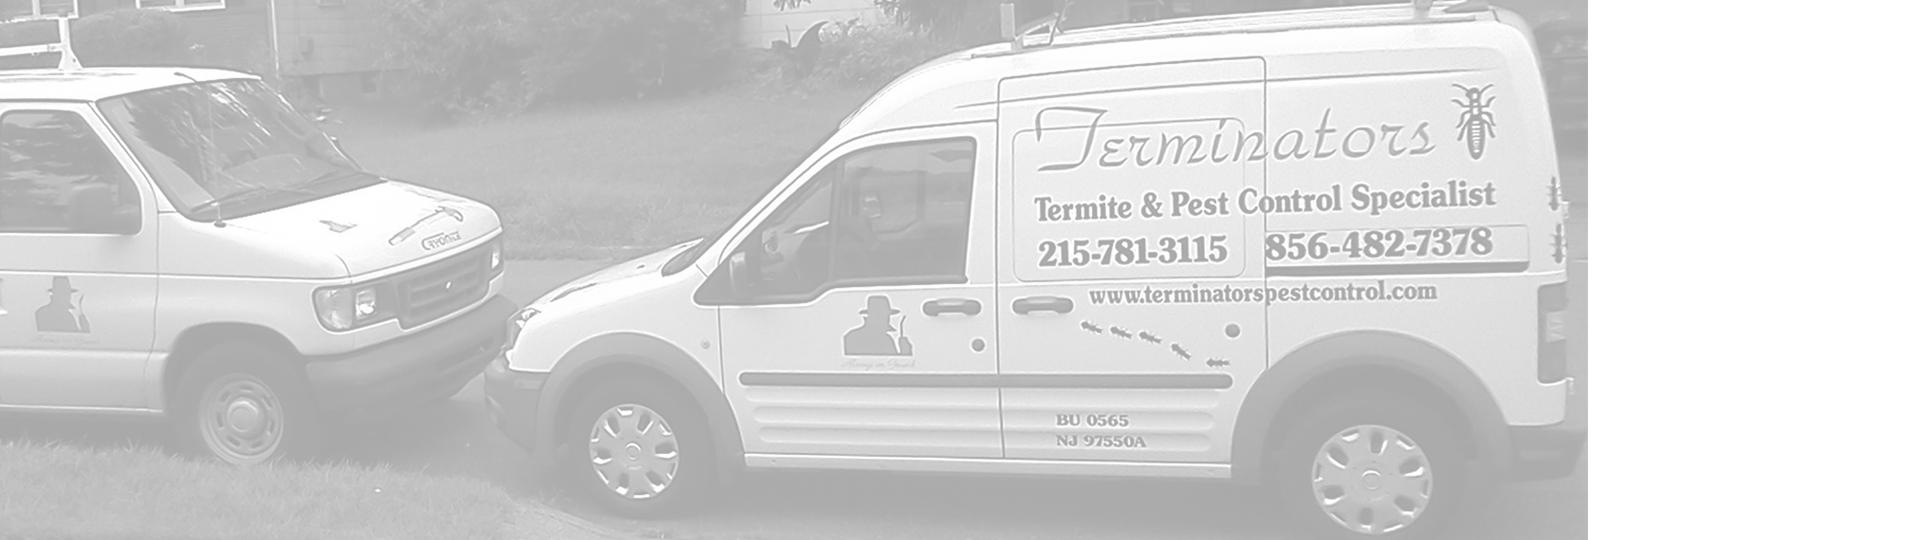 Terminators Pest Control at work